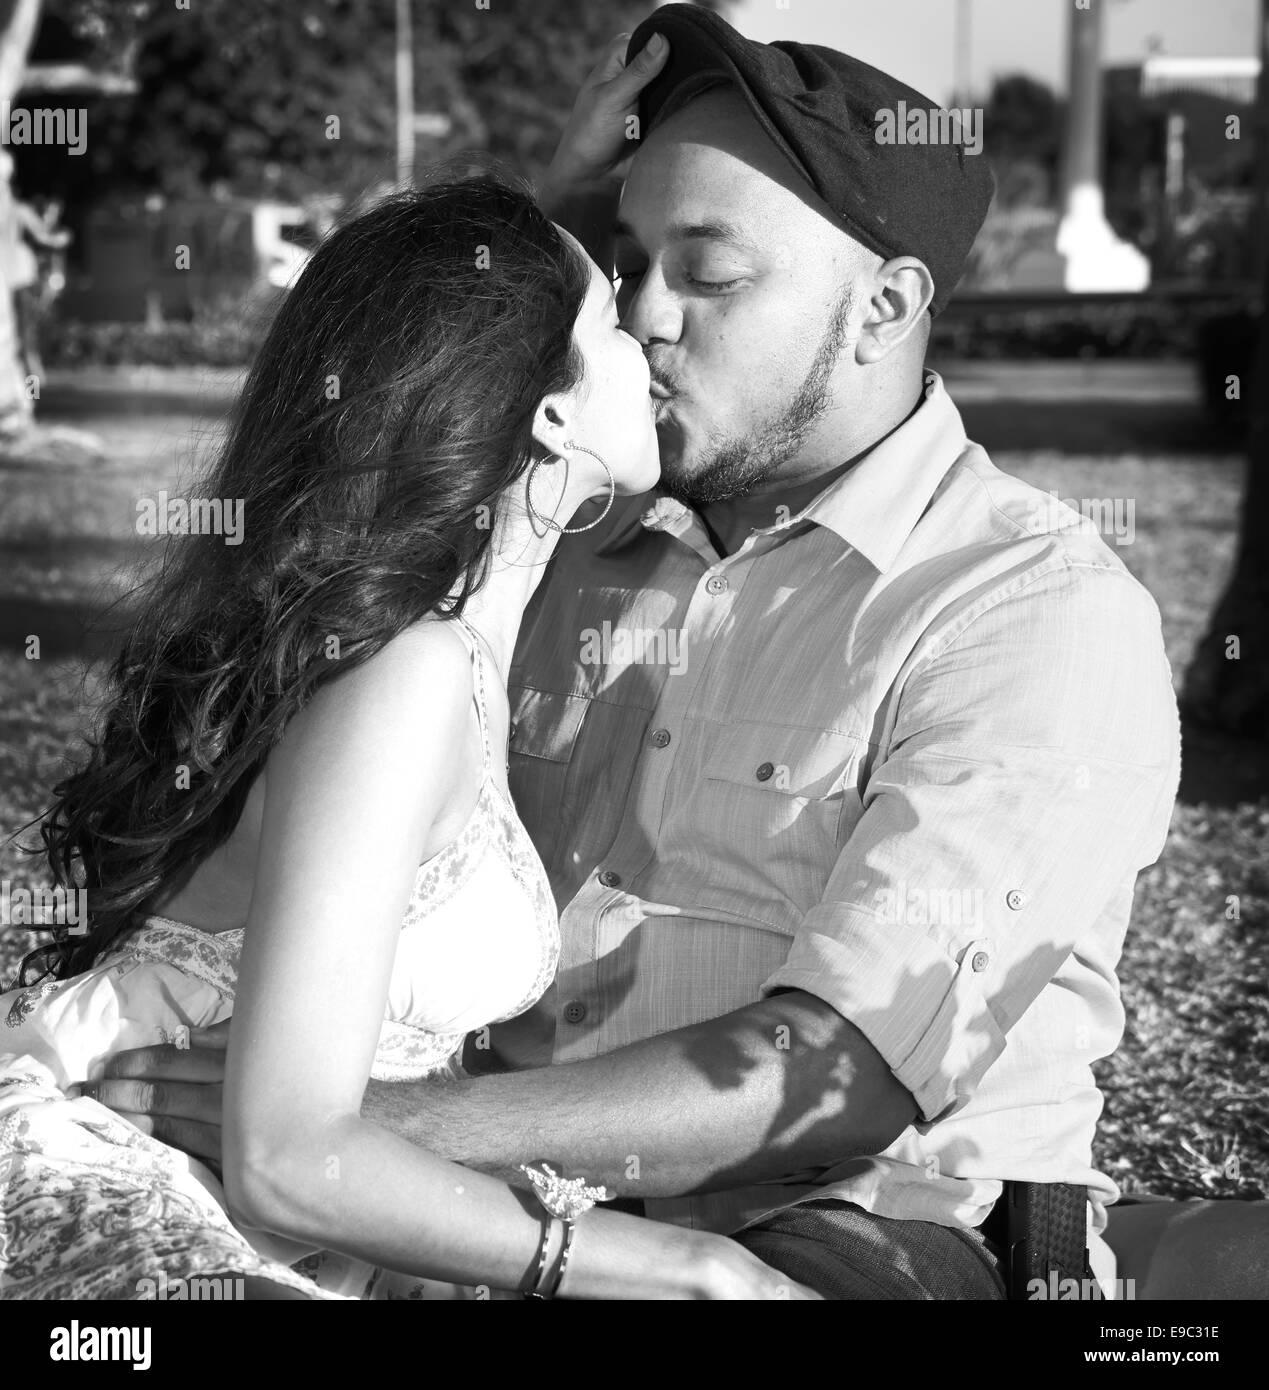 Pareja besándose en el parque en blanco y negro Imagen De Stock